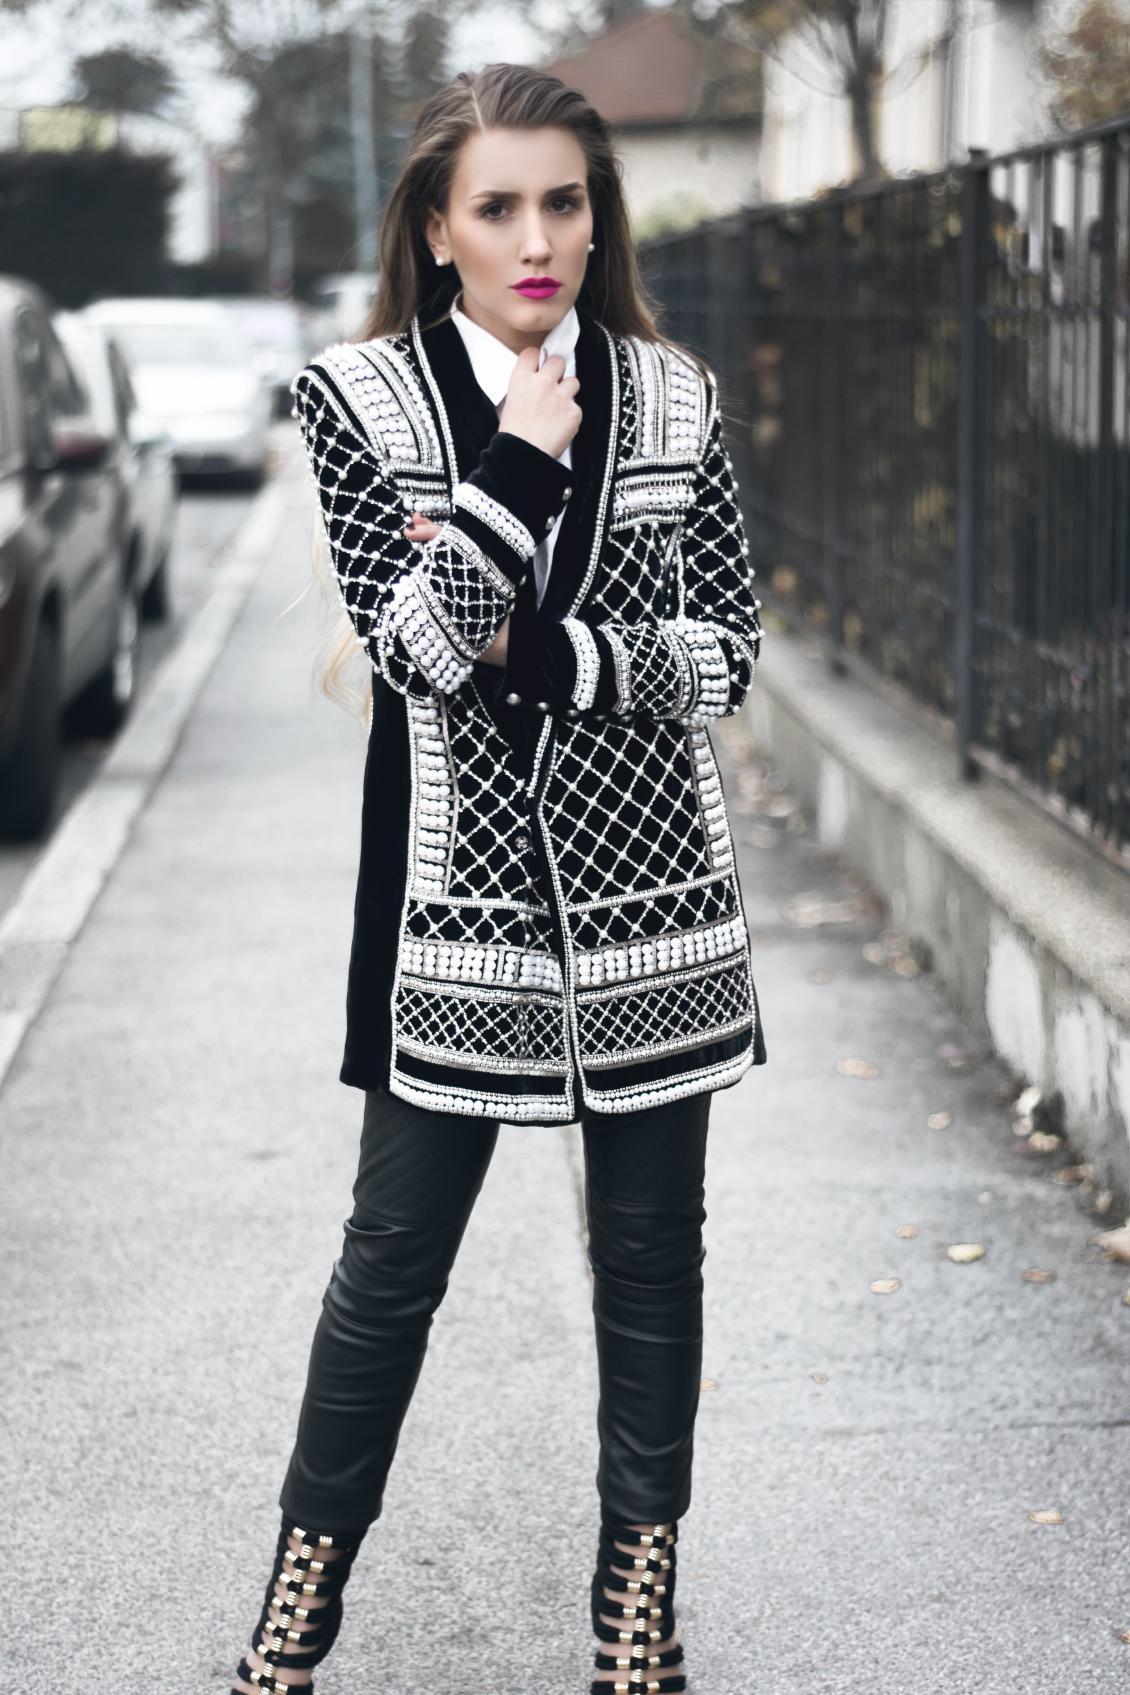 H&M Balmain Outfits